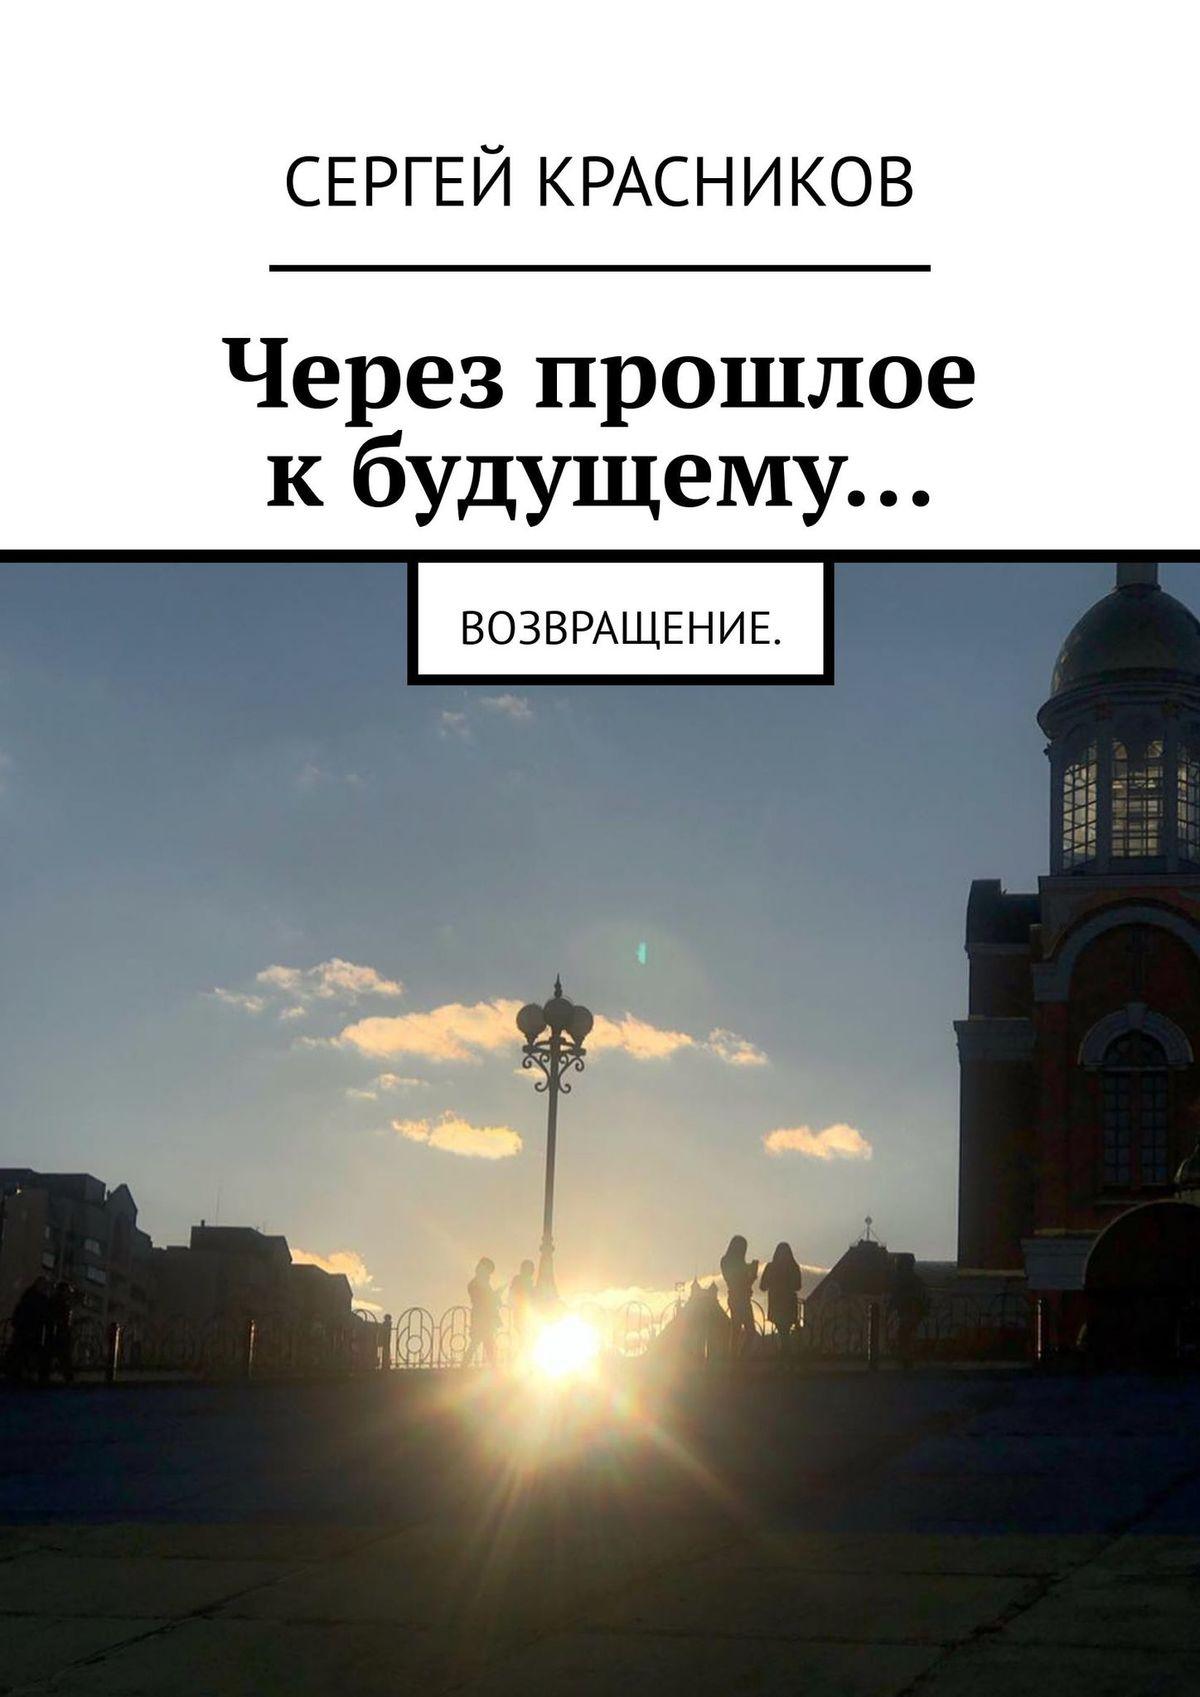 Сергей Витальевич Красников Дыхание александр сахаров сергей агаджанов крым прошлое и настоящее